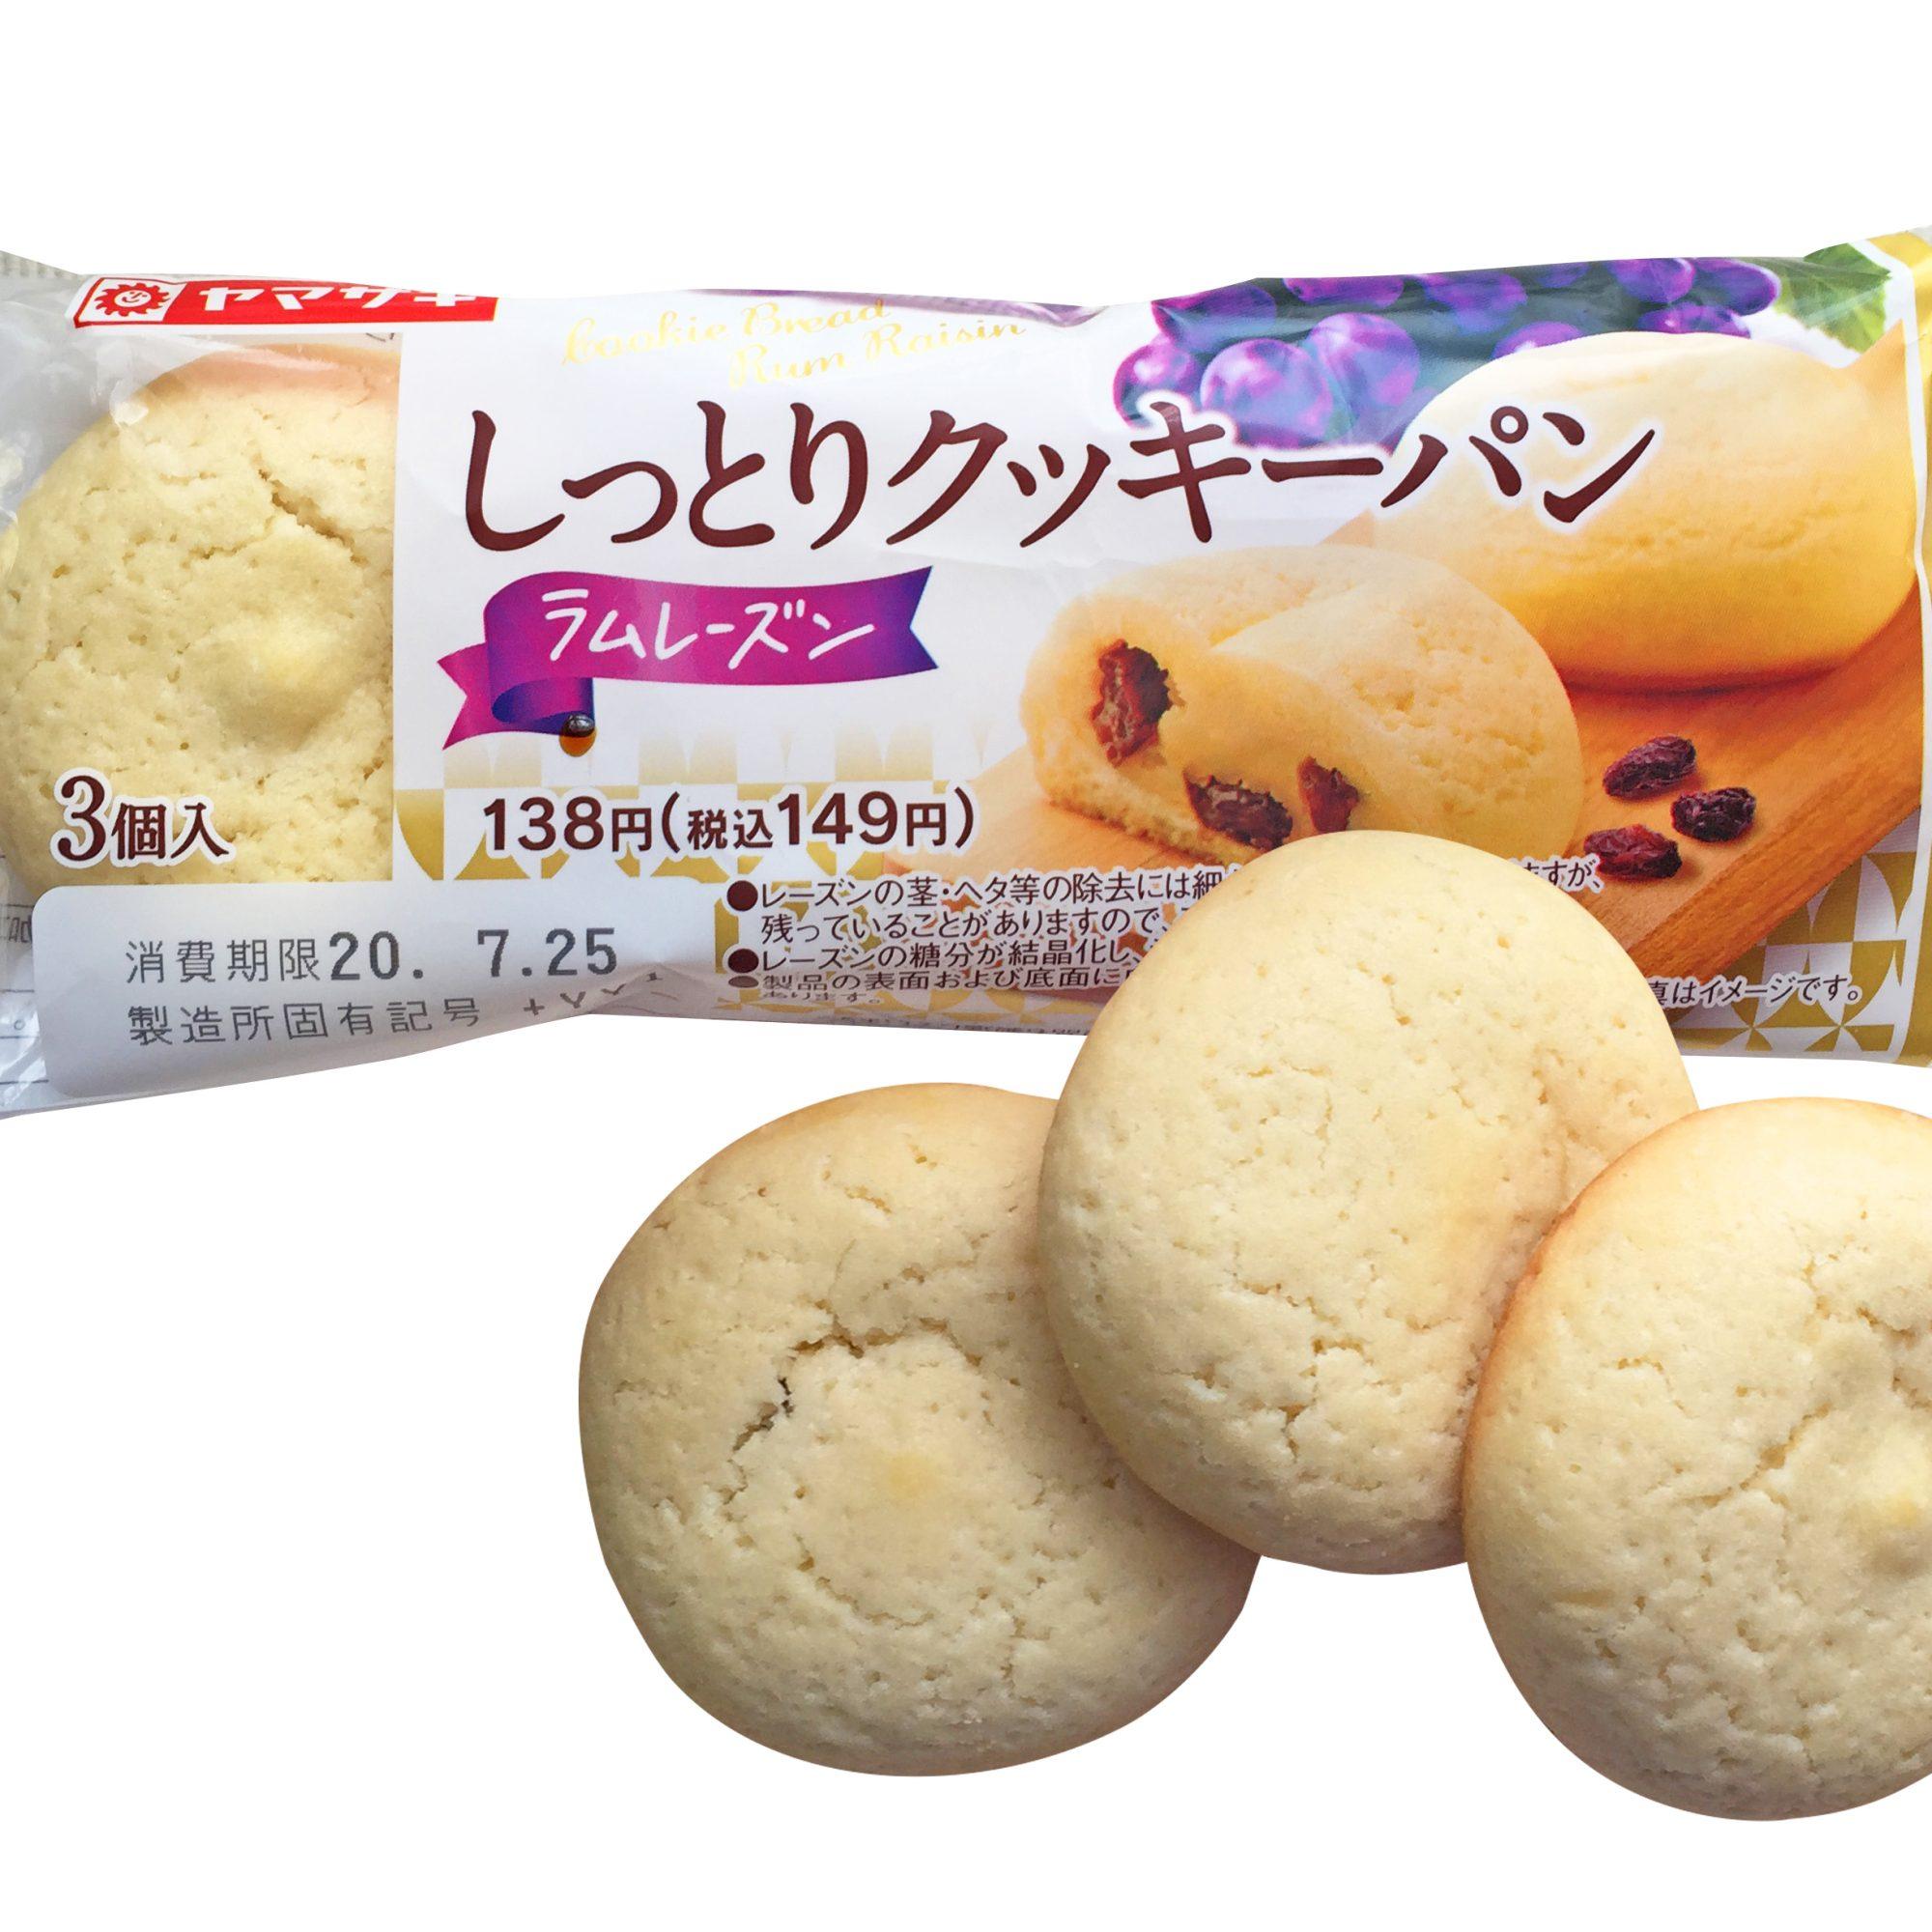 セブン-イレブン『山崎 しっとりクッキーパンラムレーズン3個入』はしっとり食感とラムの風味が楽しい腹持ちおやつ系パン!